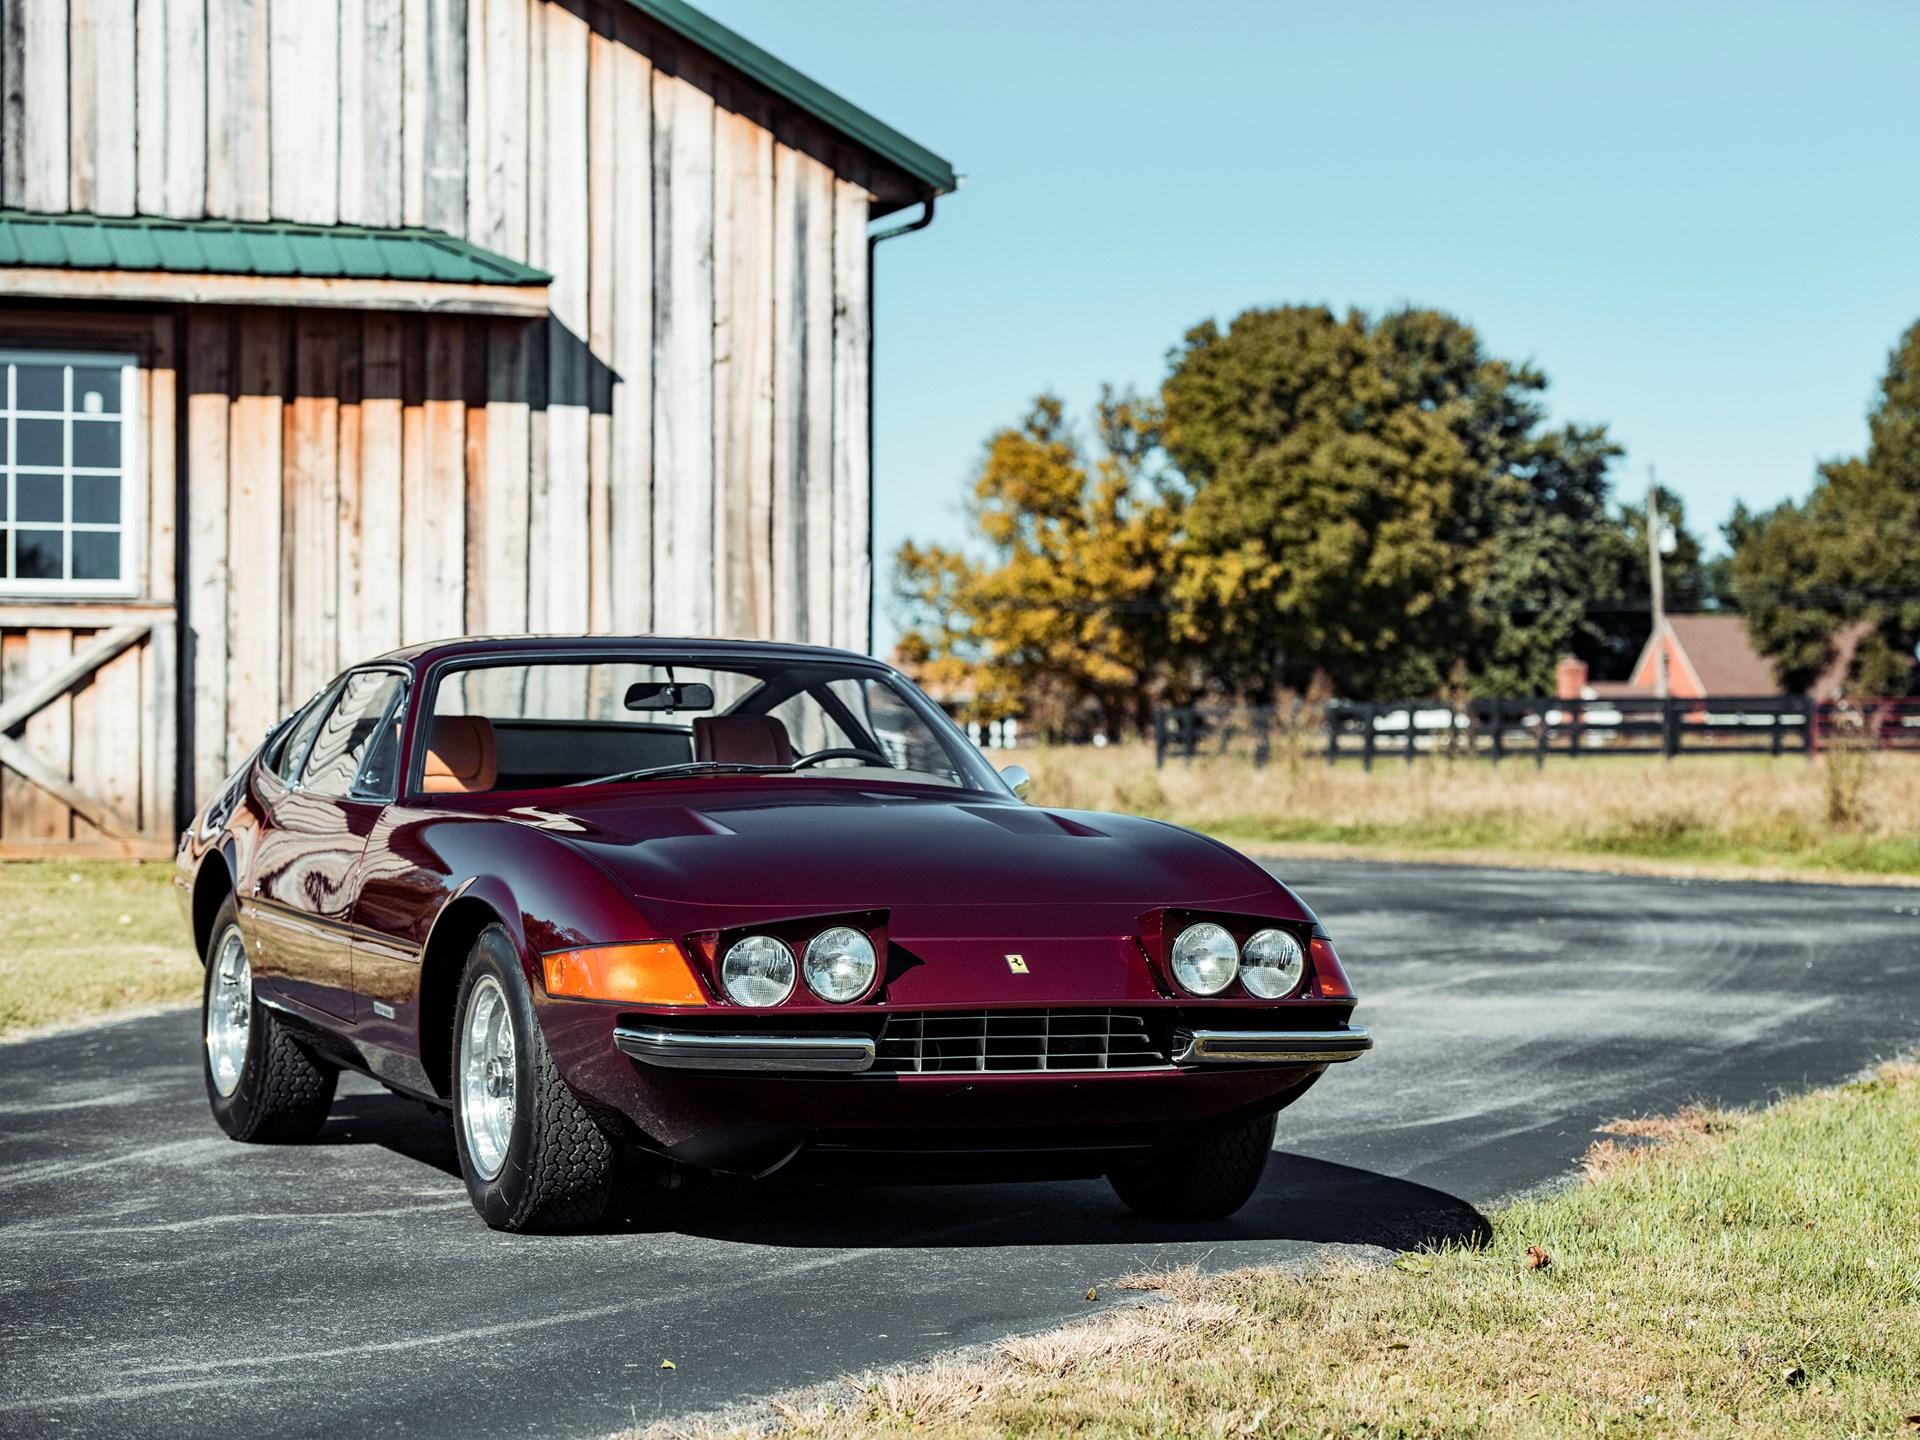 1972 Ferrari 365 GTB/4 Daytona Berlinetta by Scaglietti